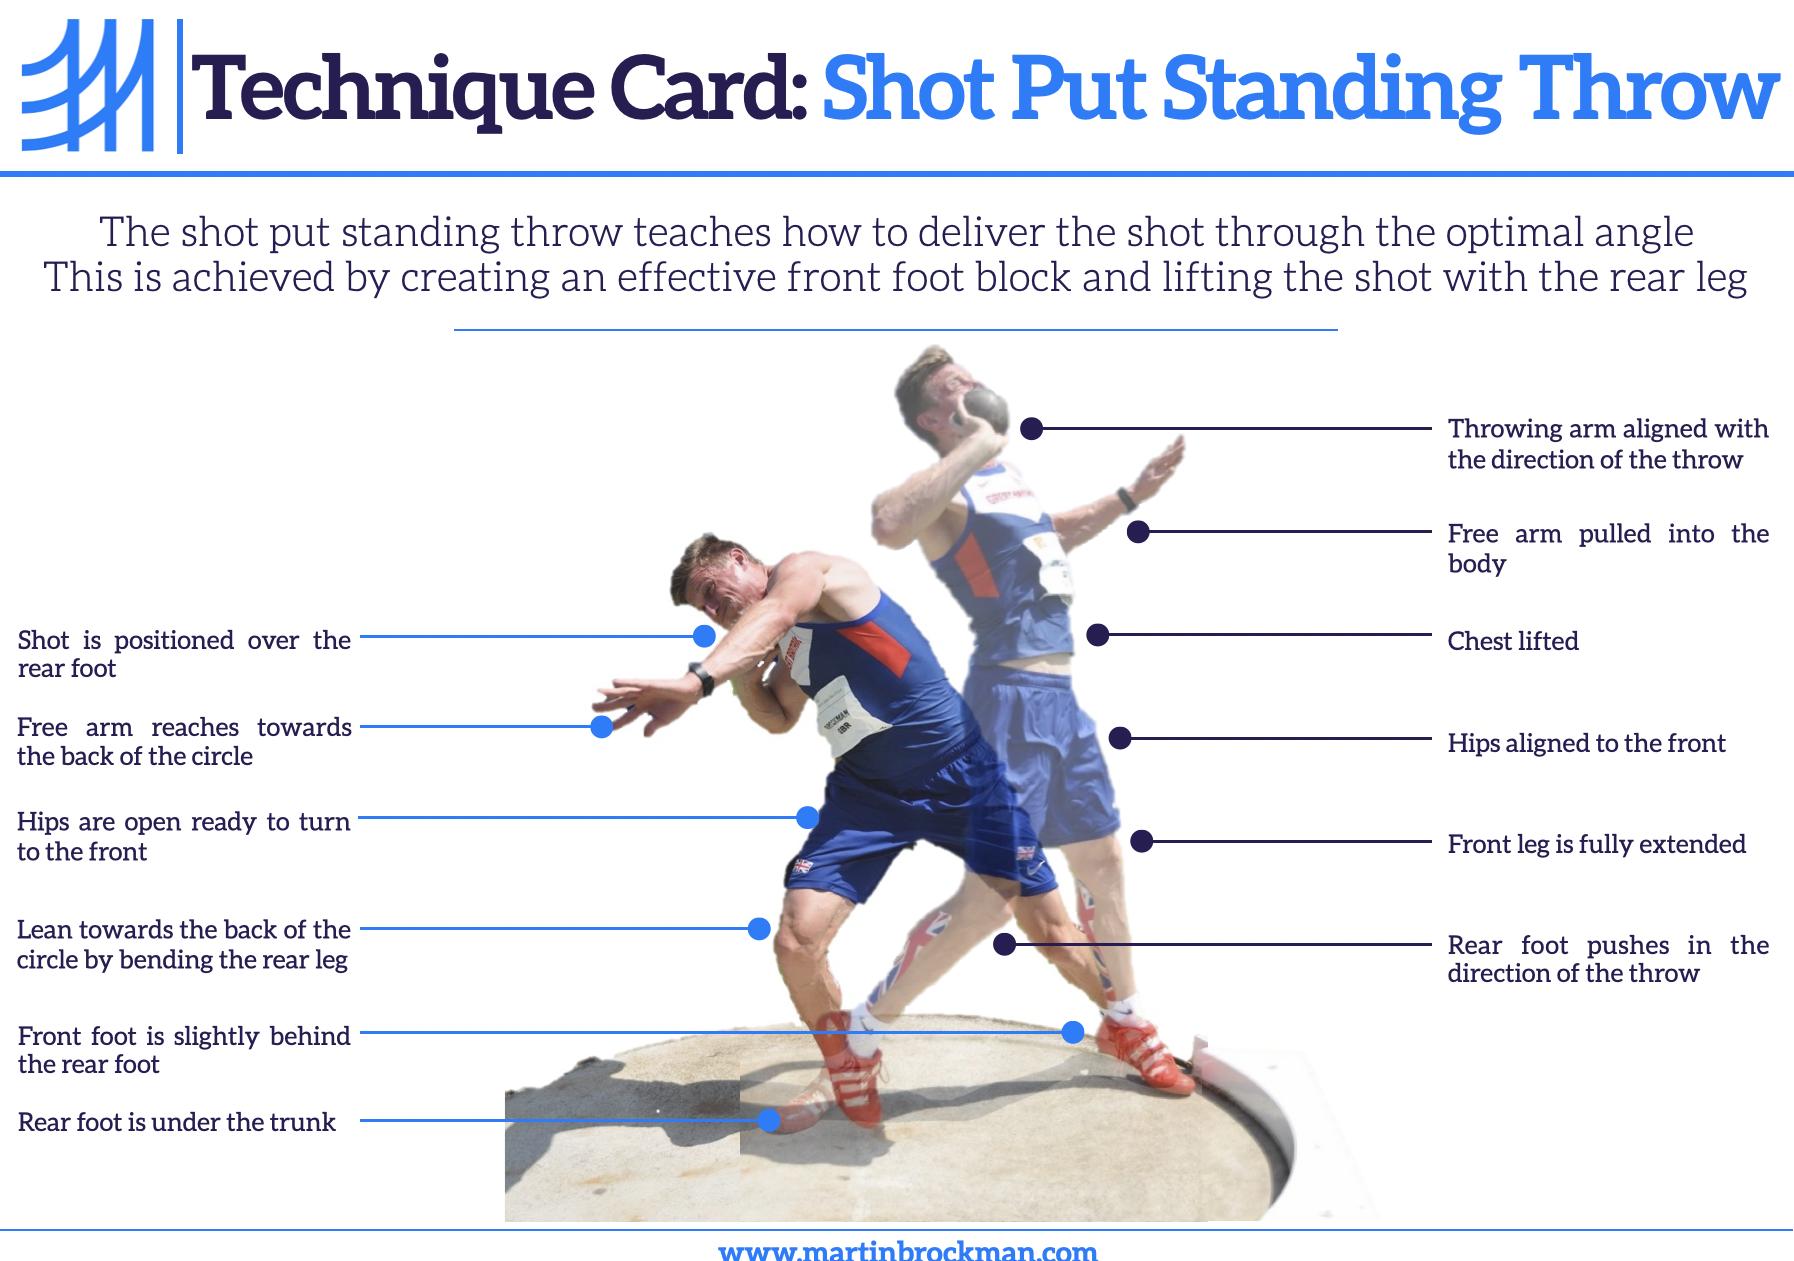 Shot Put Technique Cards